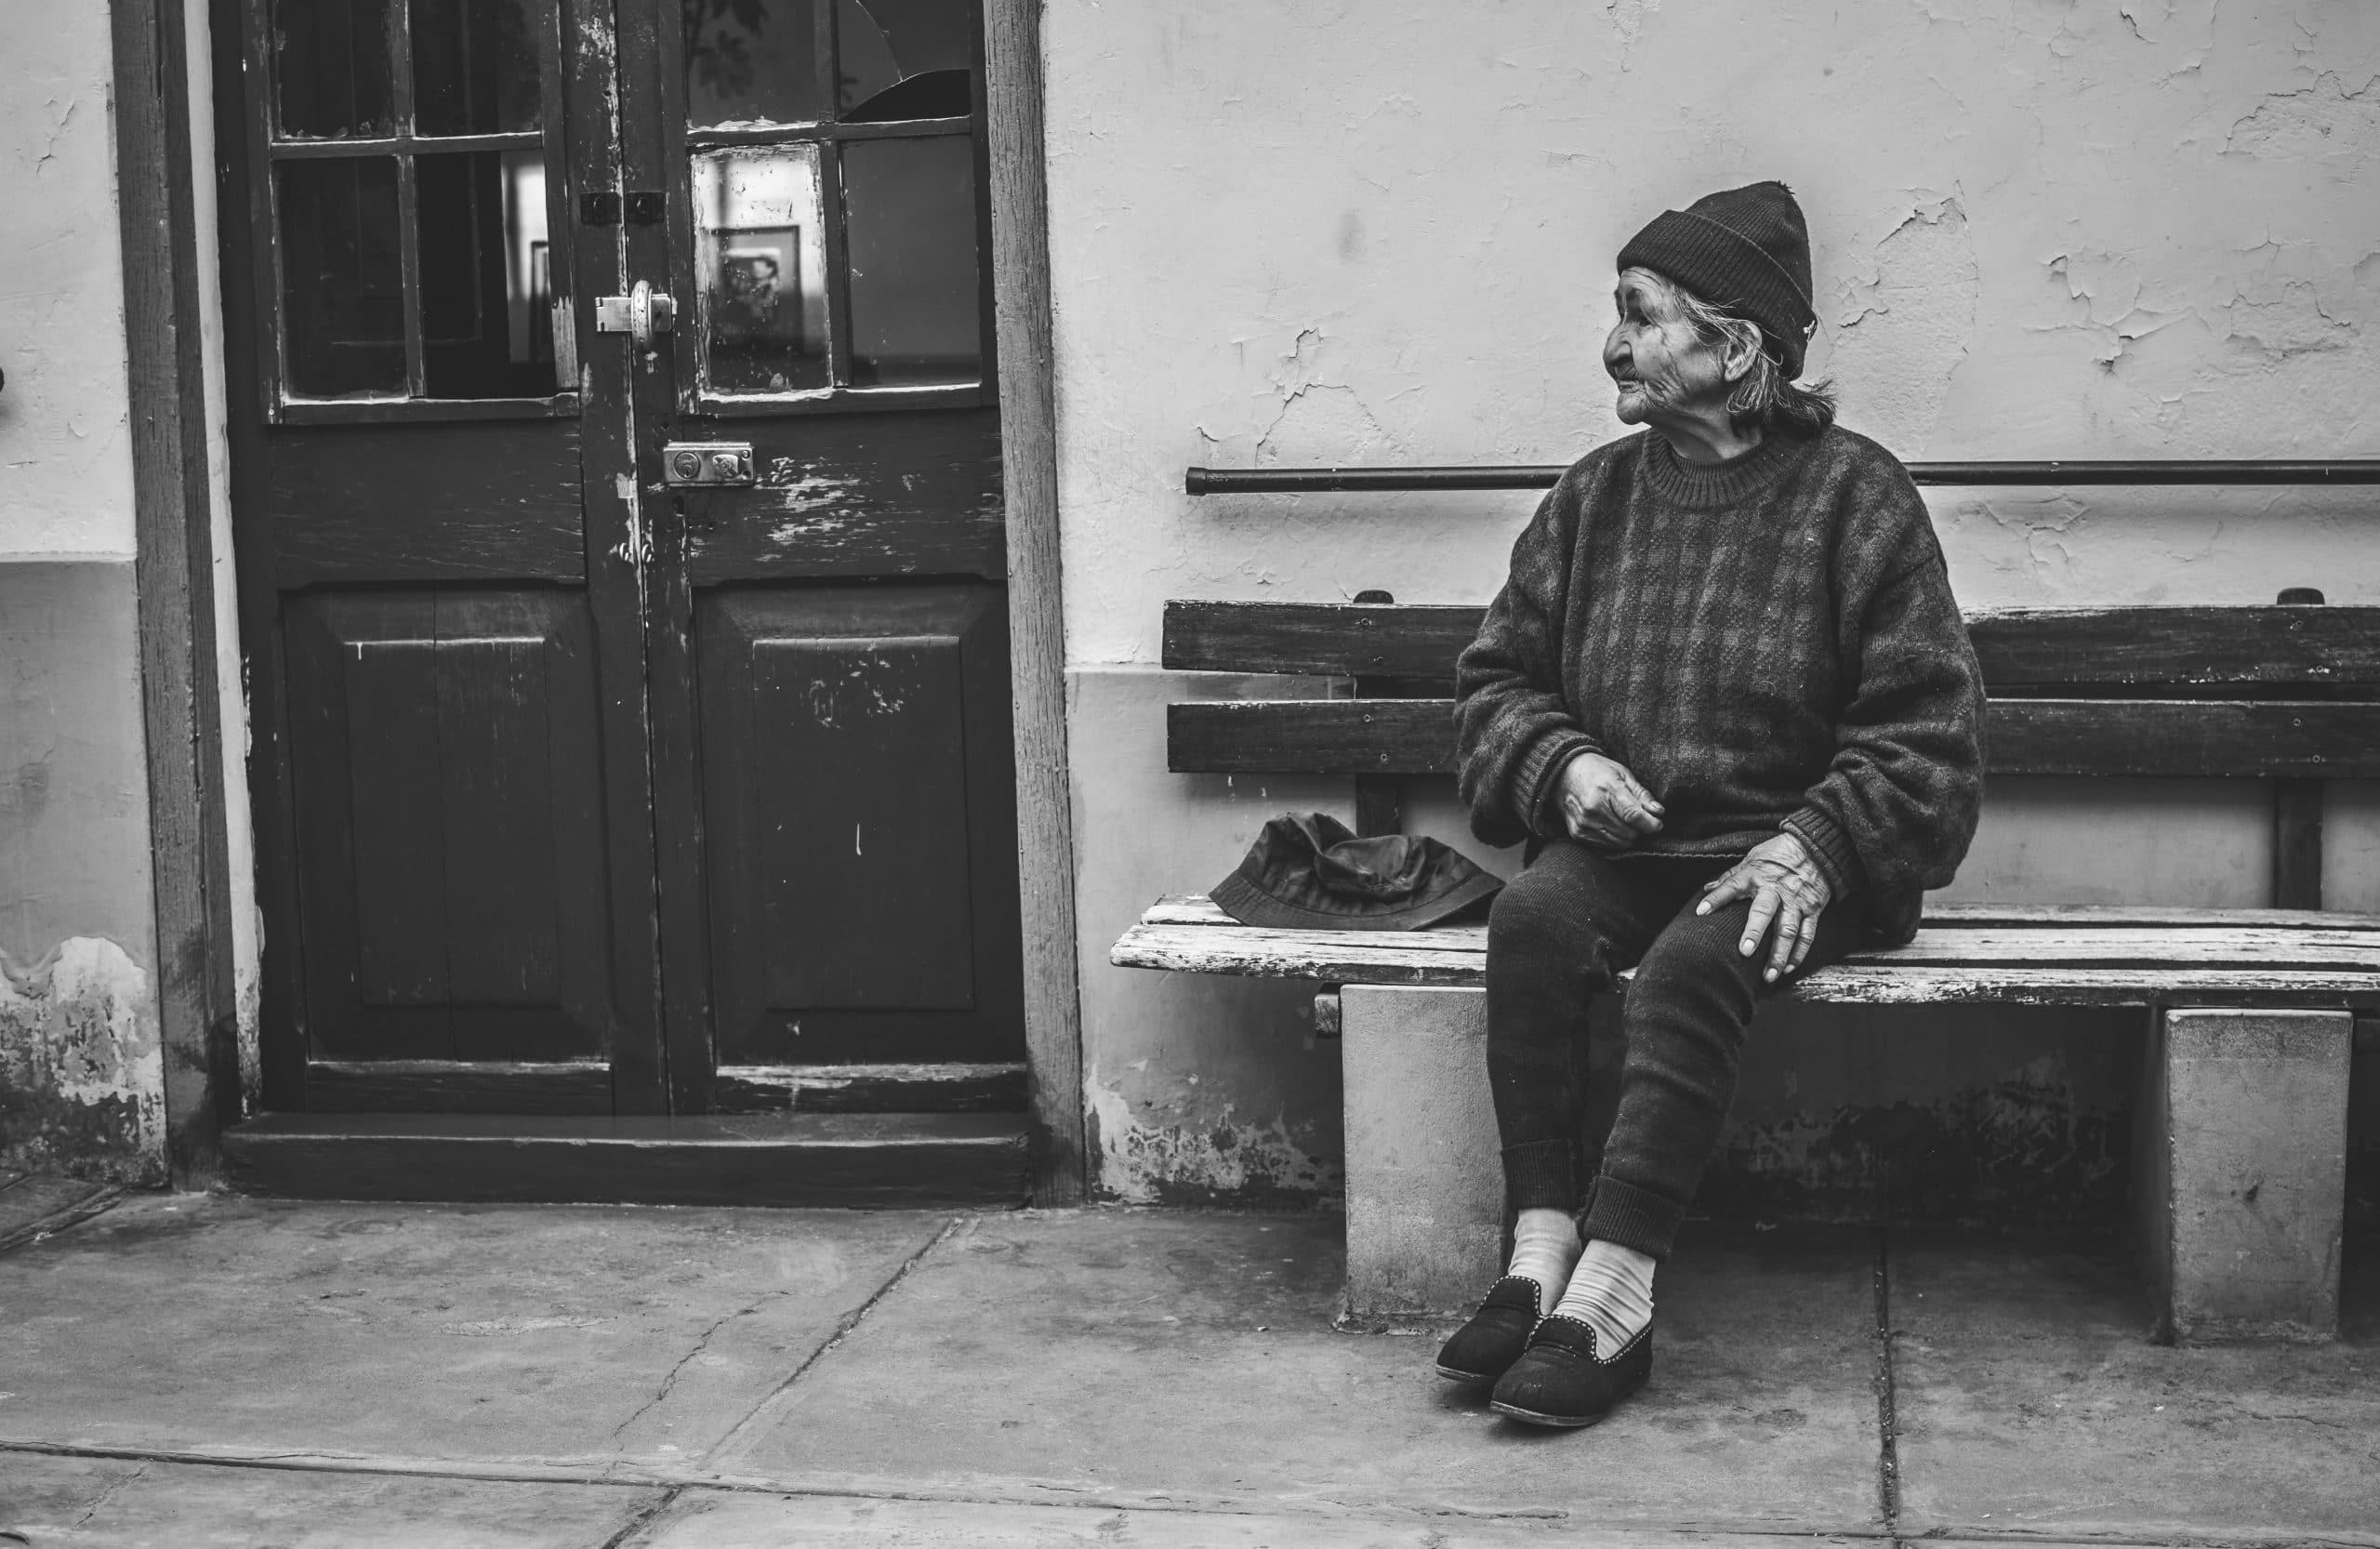 Senhora idosa sentada em um banco na rua.